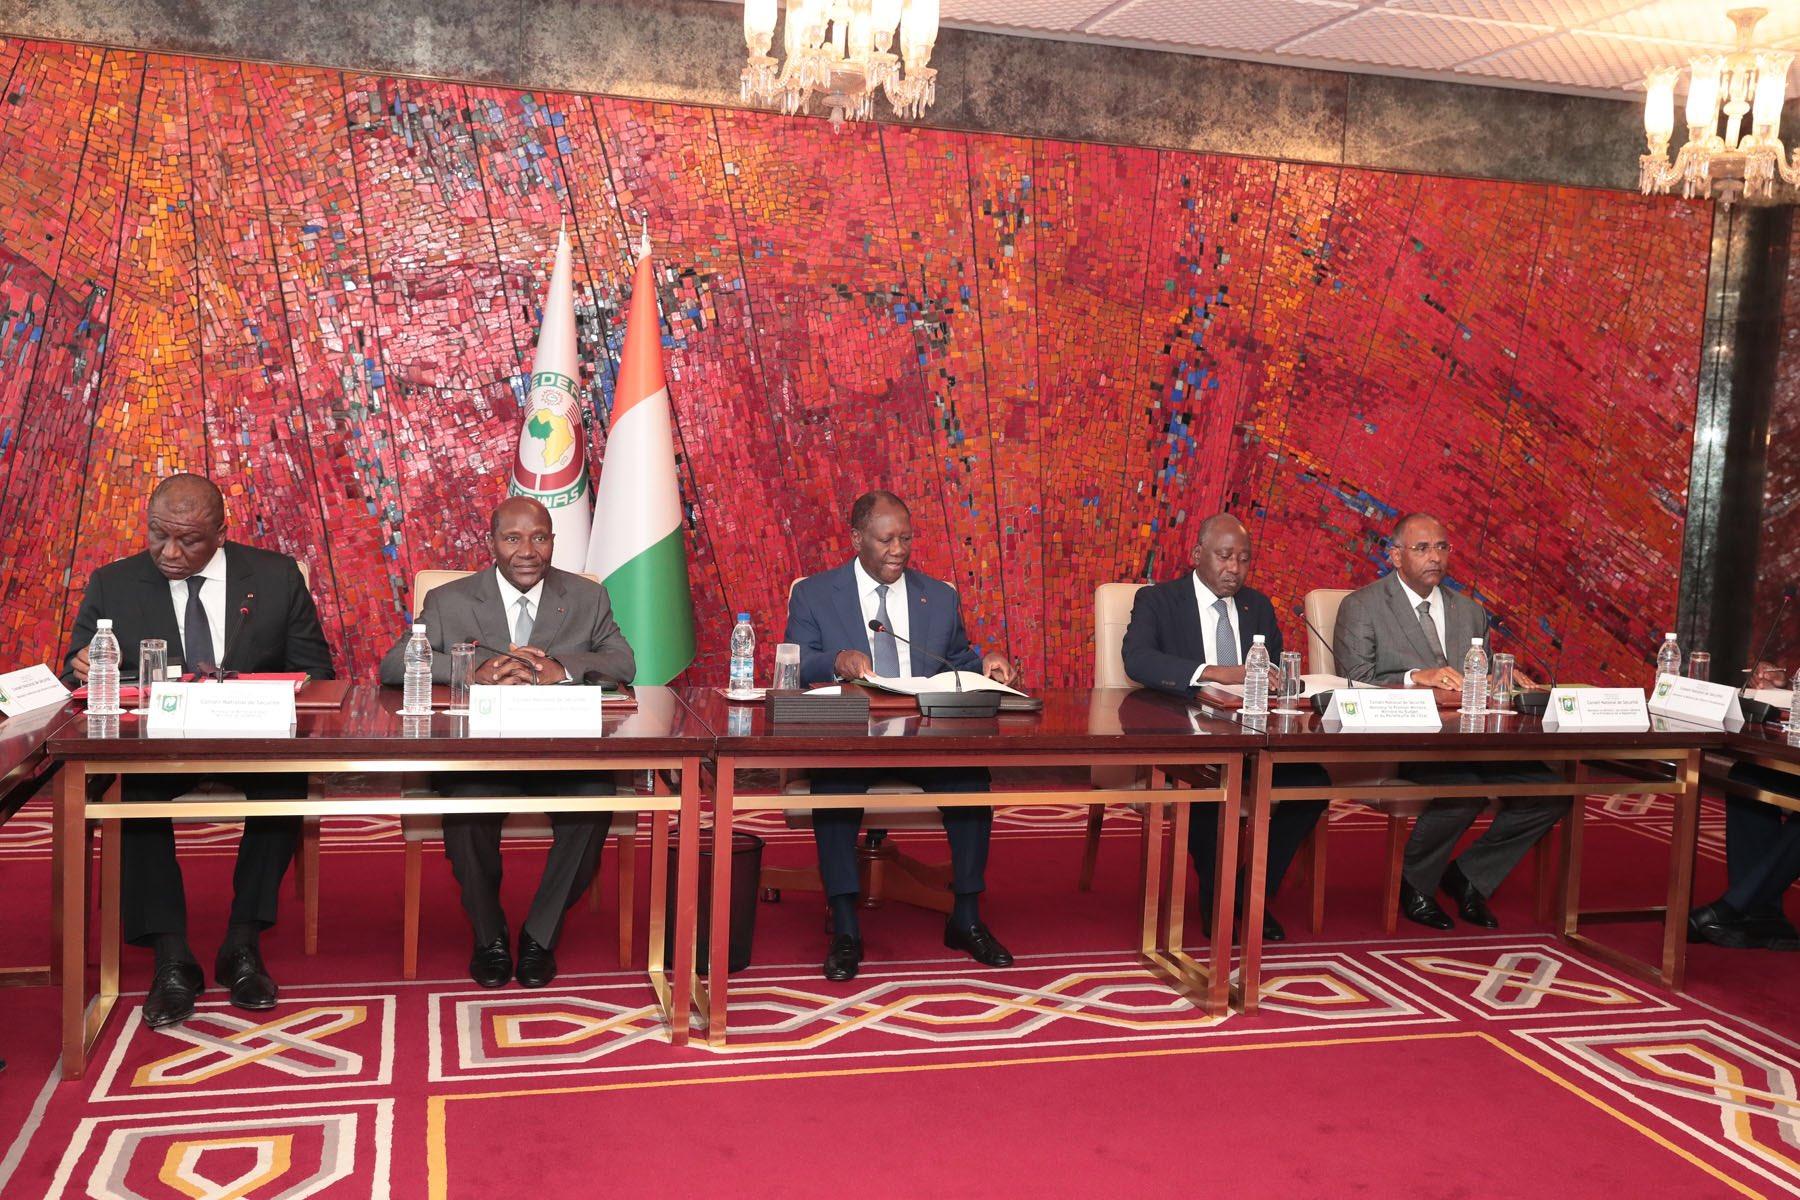 Le président Alassane Ouattara, lors du Conseil national de sécurité, le 16 mars 2020.